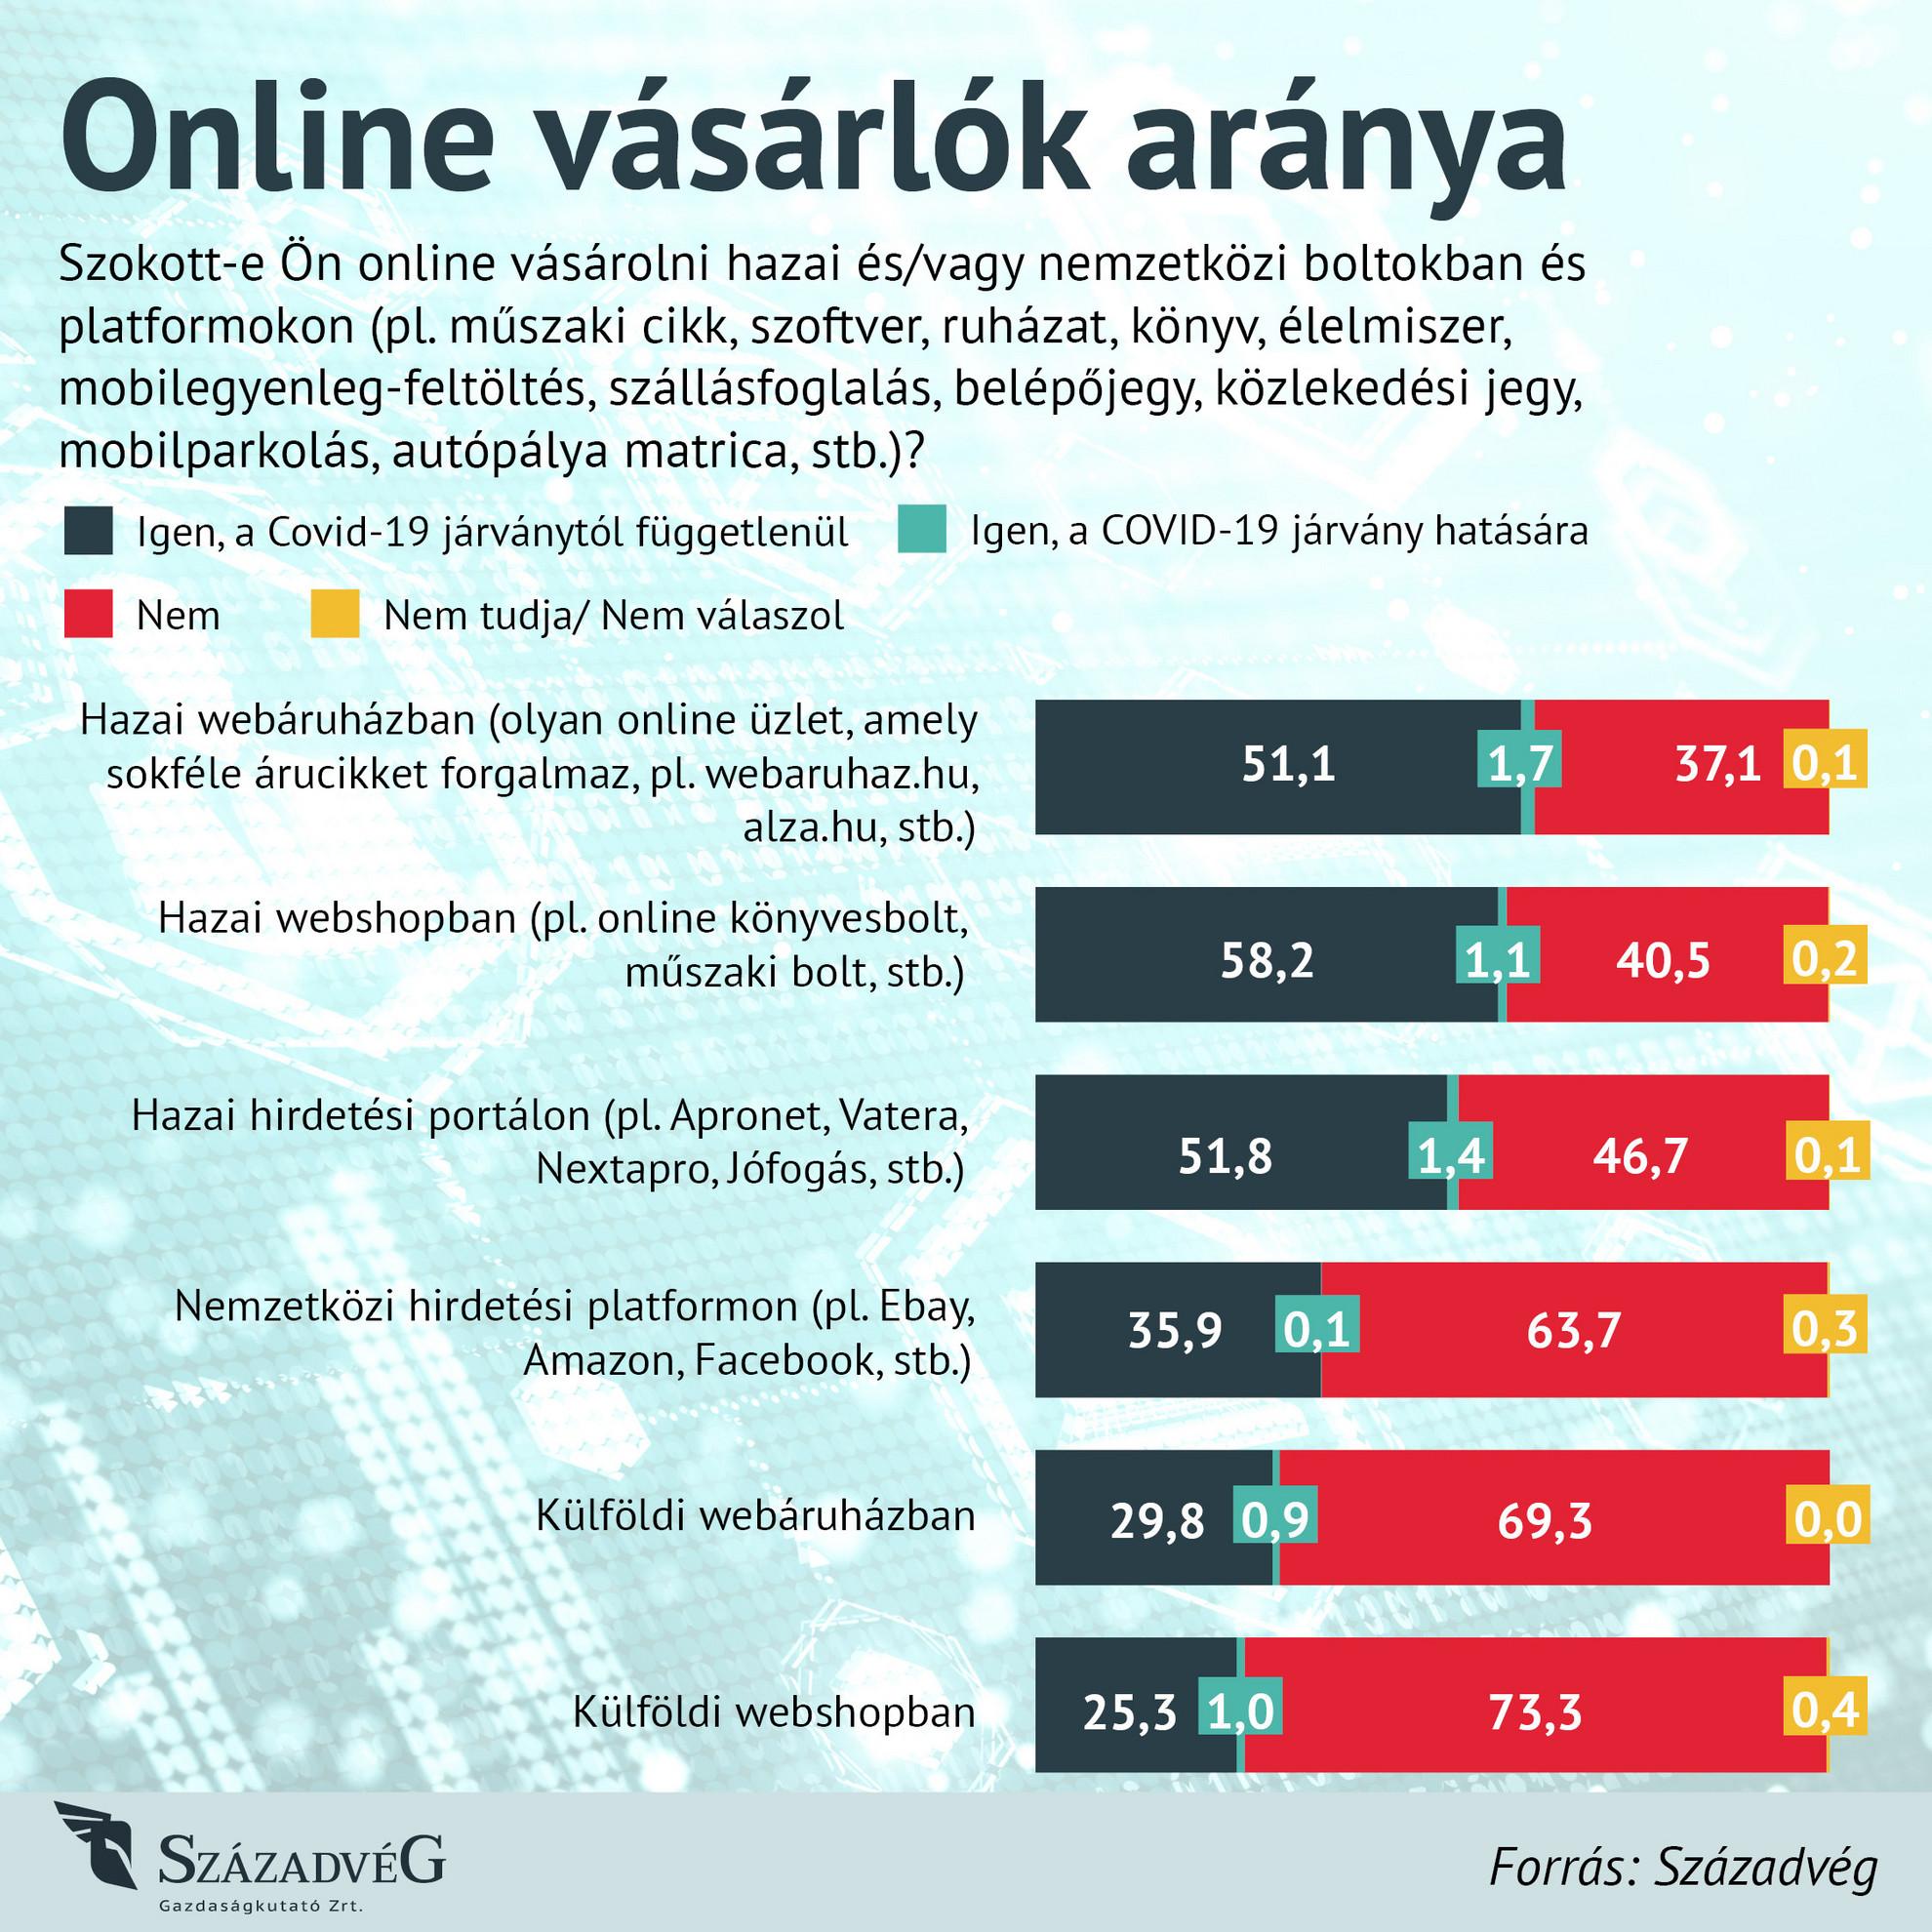 Online vásárlók aránya